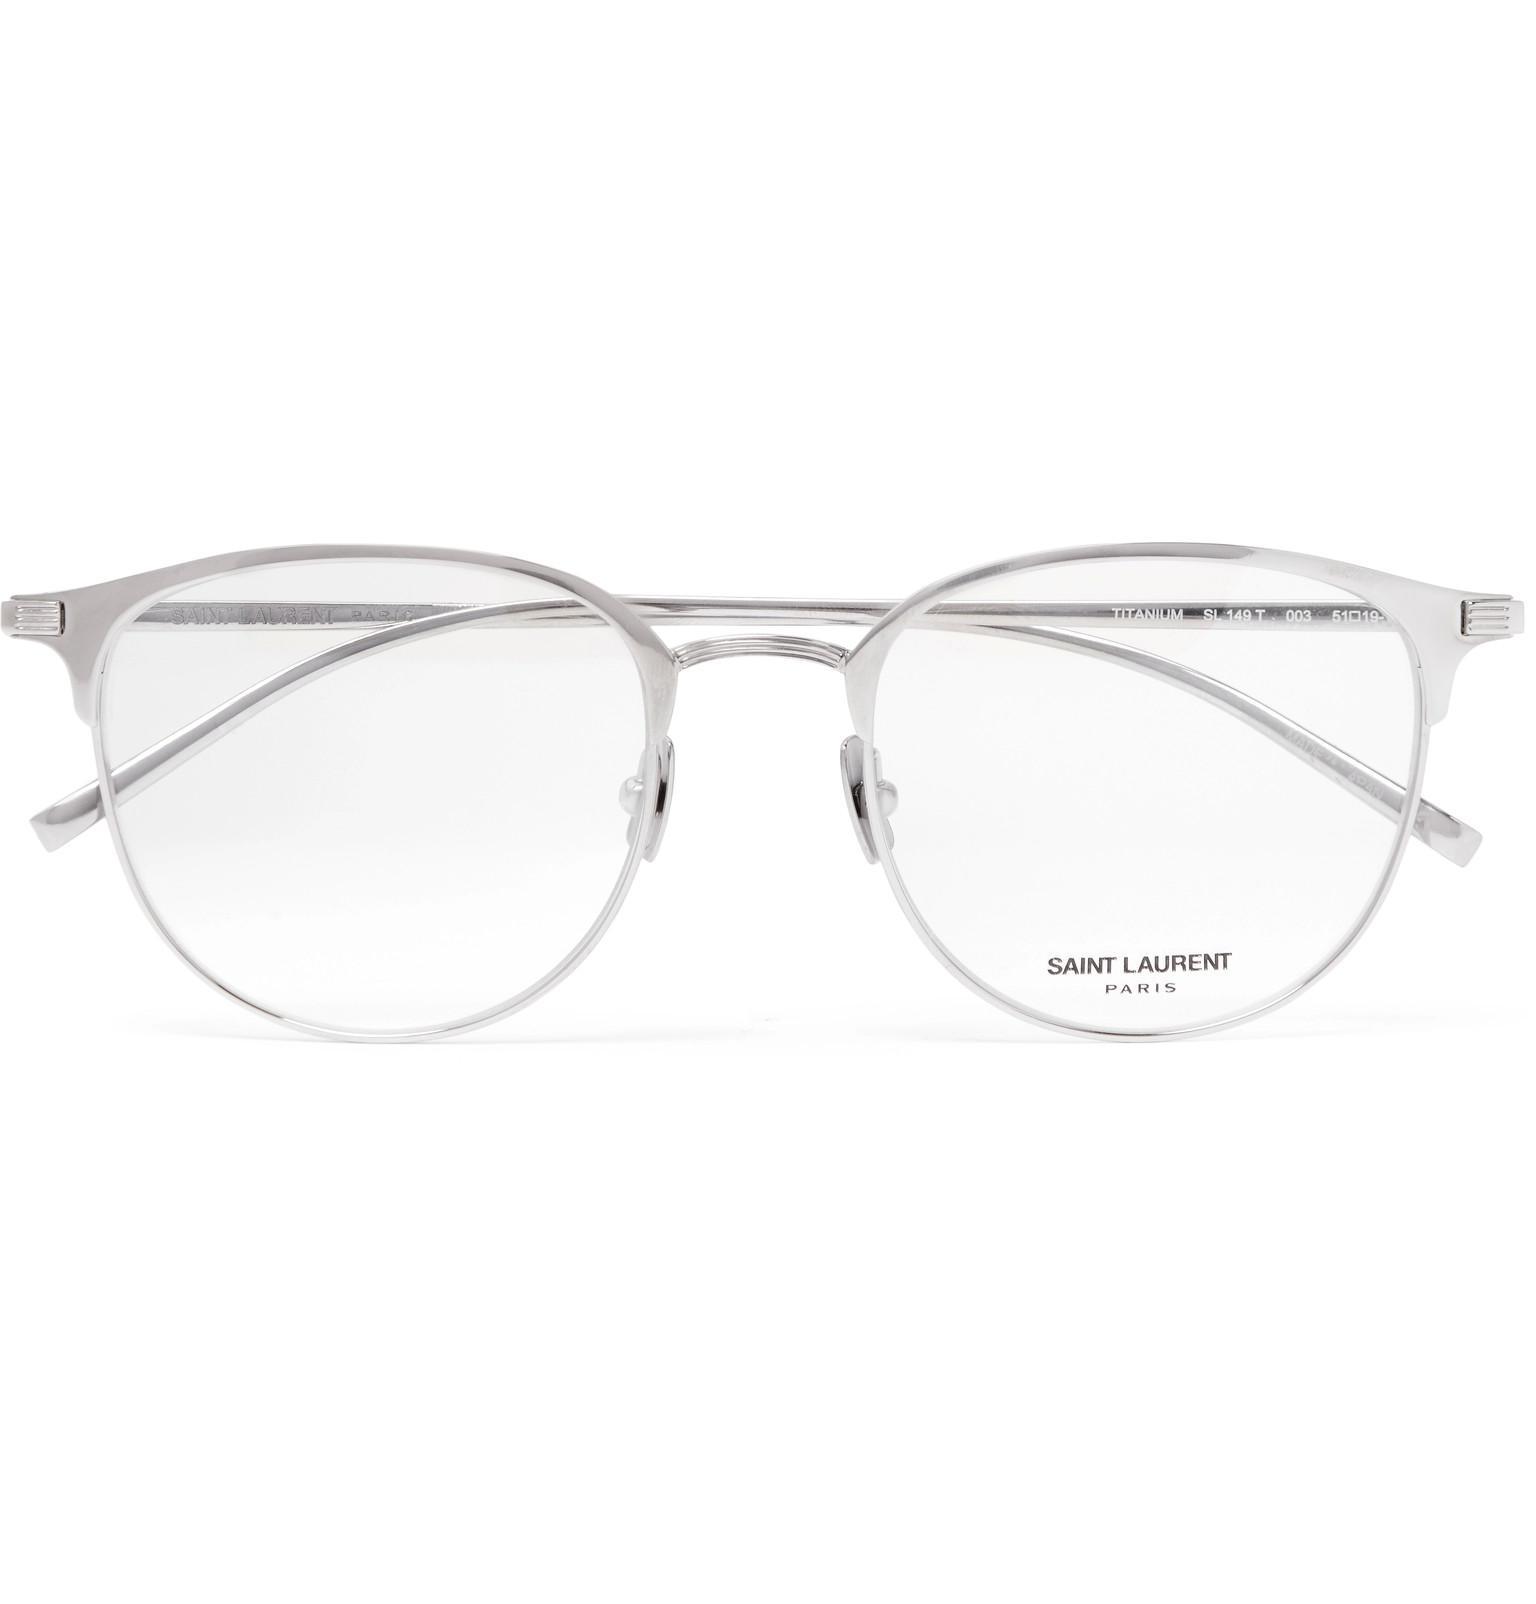 e8aecc3a95 Lyst - Saint Laurent Round-frame Titanium Optical Glasses in ...